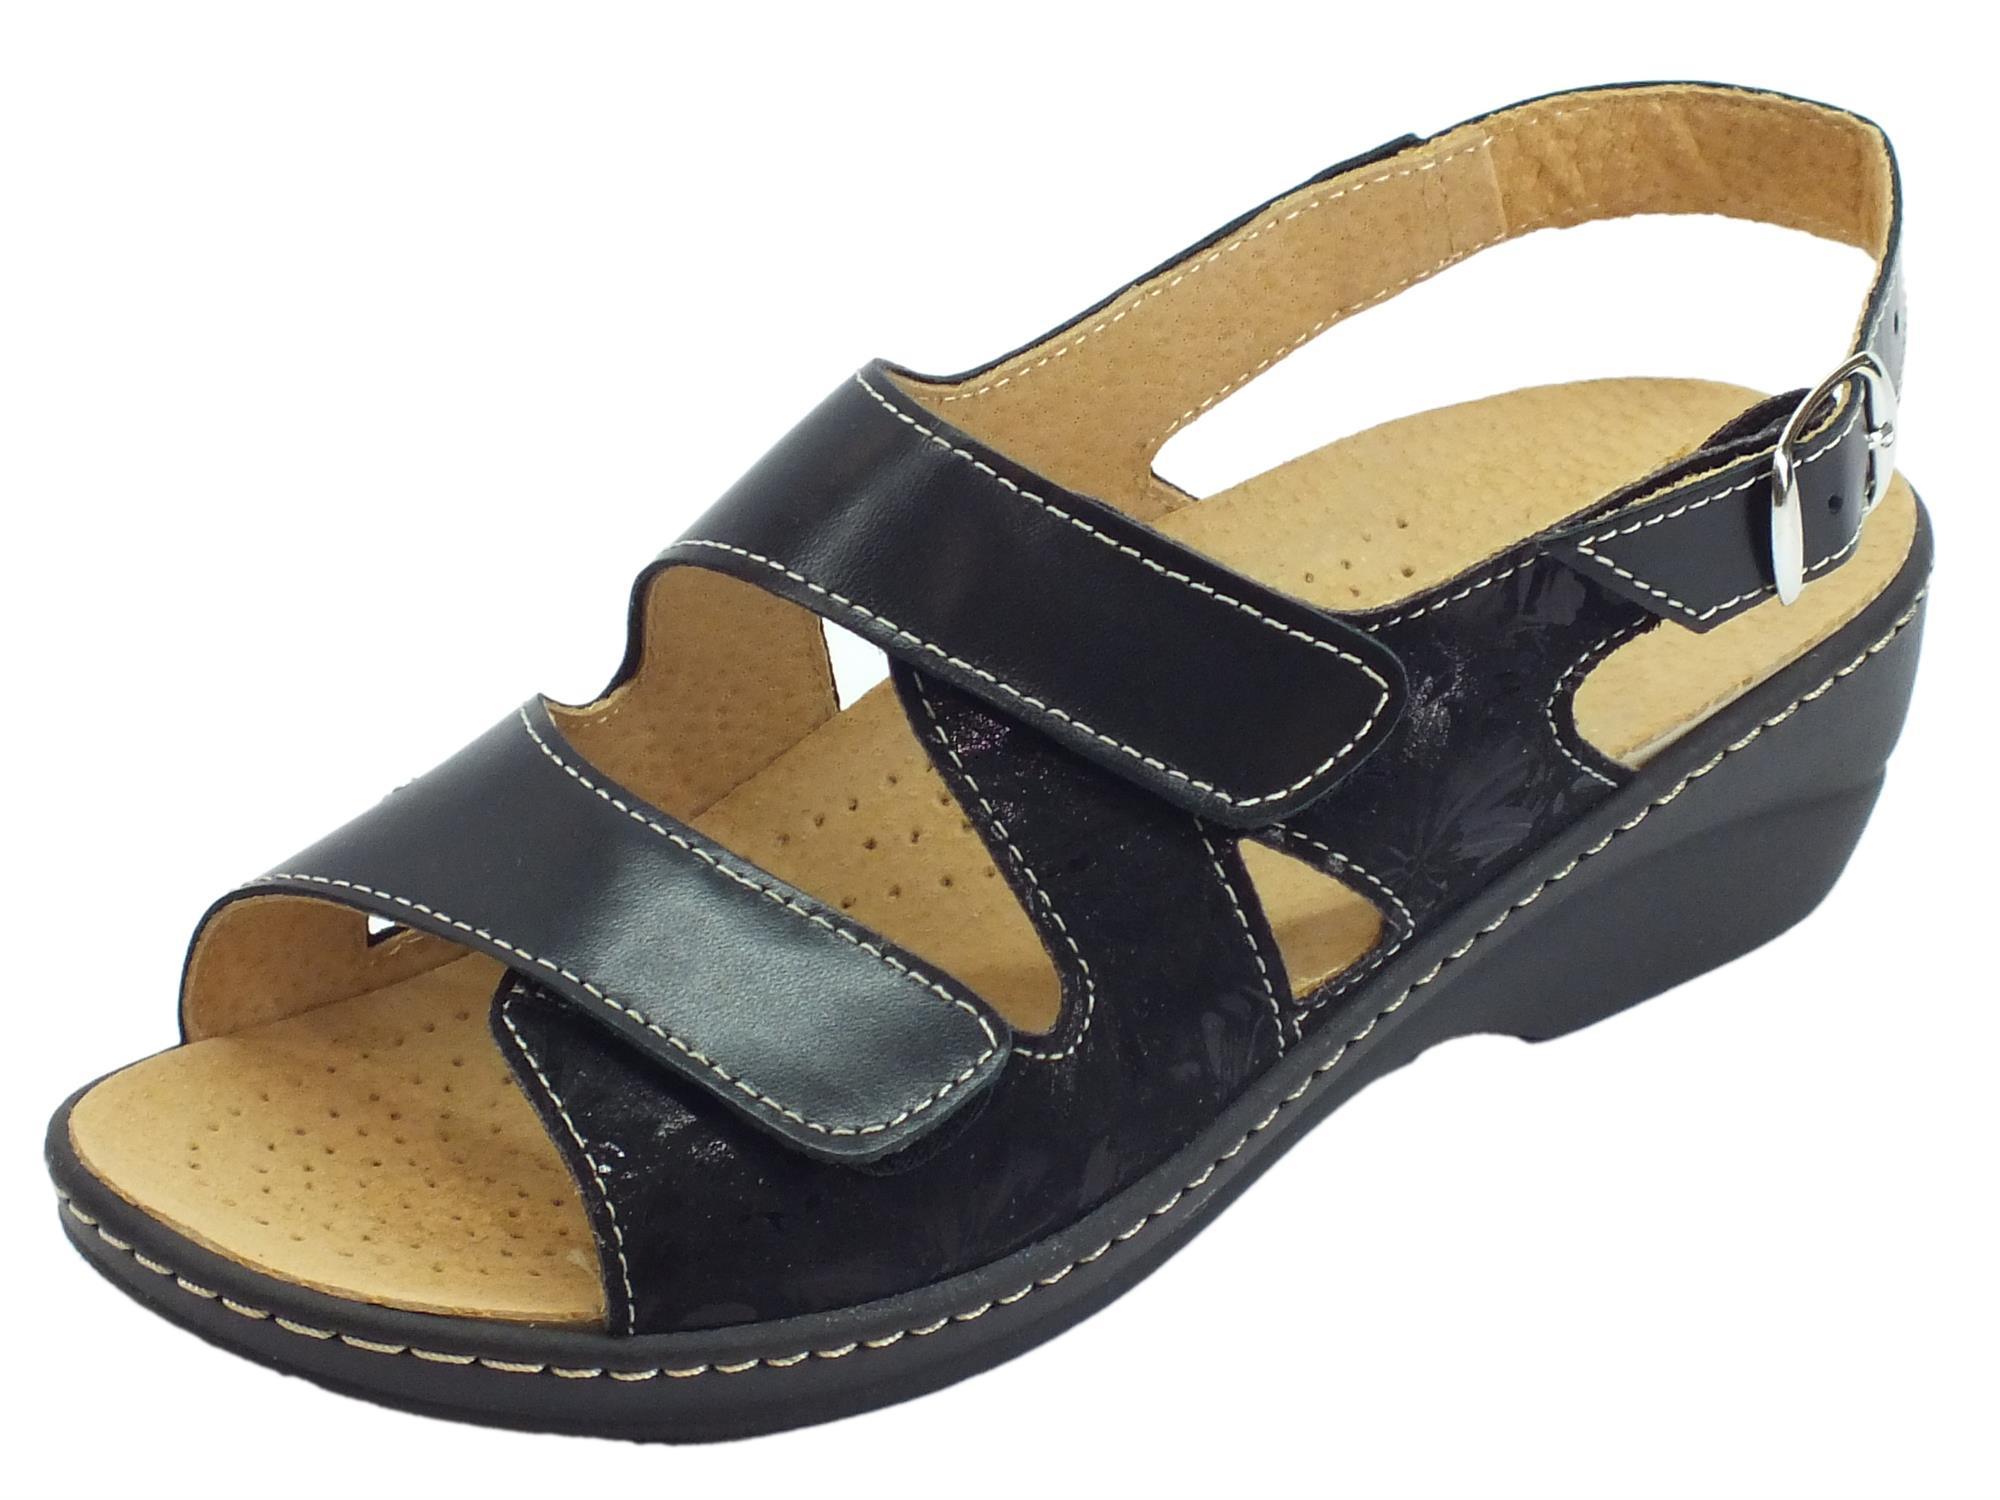 604af7ea812e0 Cinzia Soft sandali linea comoda pelle e tessuto nero doppio stretch  sottopiede pelle